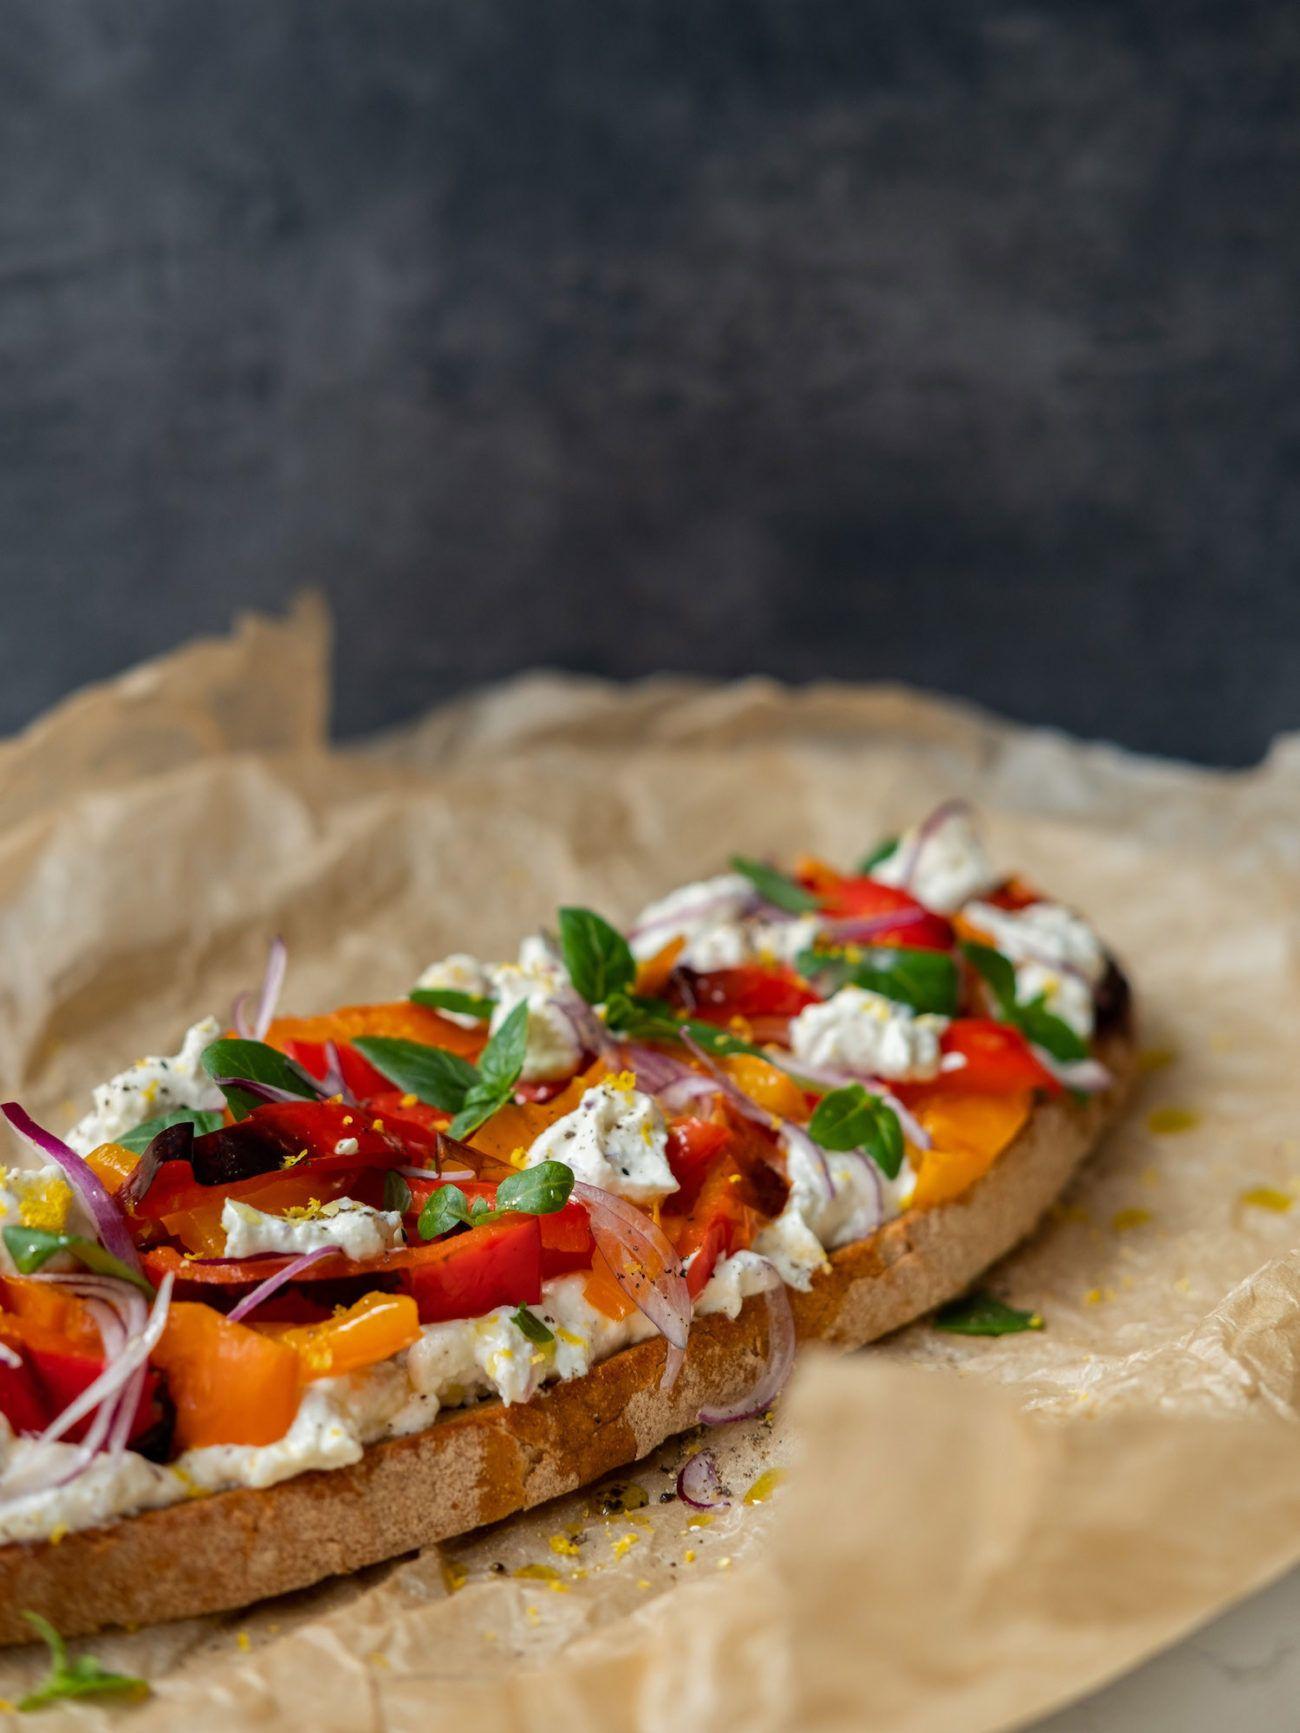 Rezept Sandwich mit Zitronenricotta und gegrillter Paprika, rote Zwiebel, Backpapier